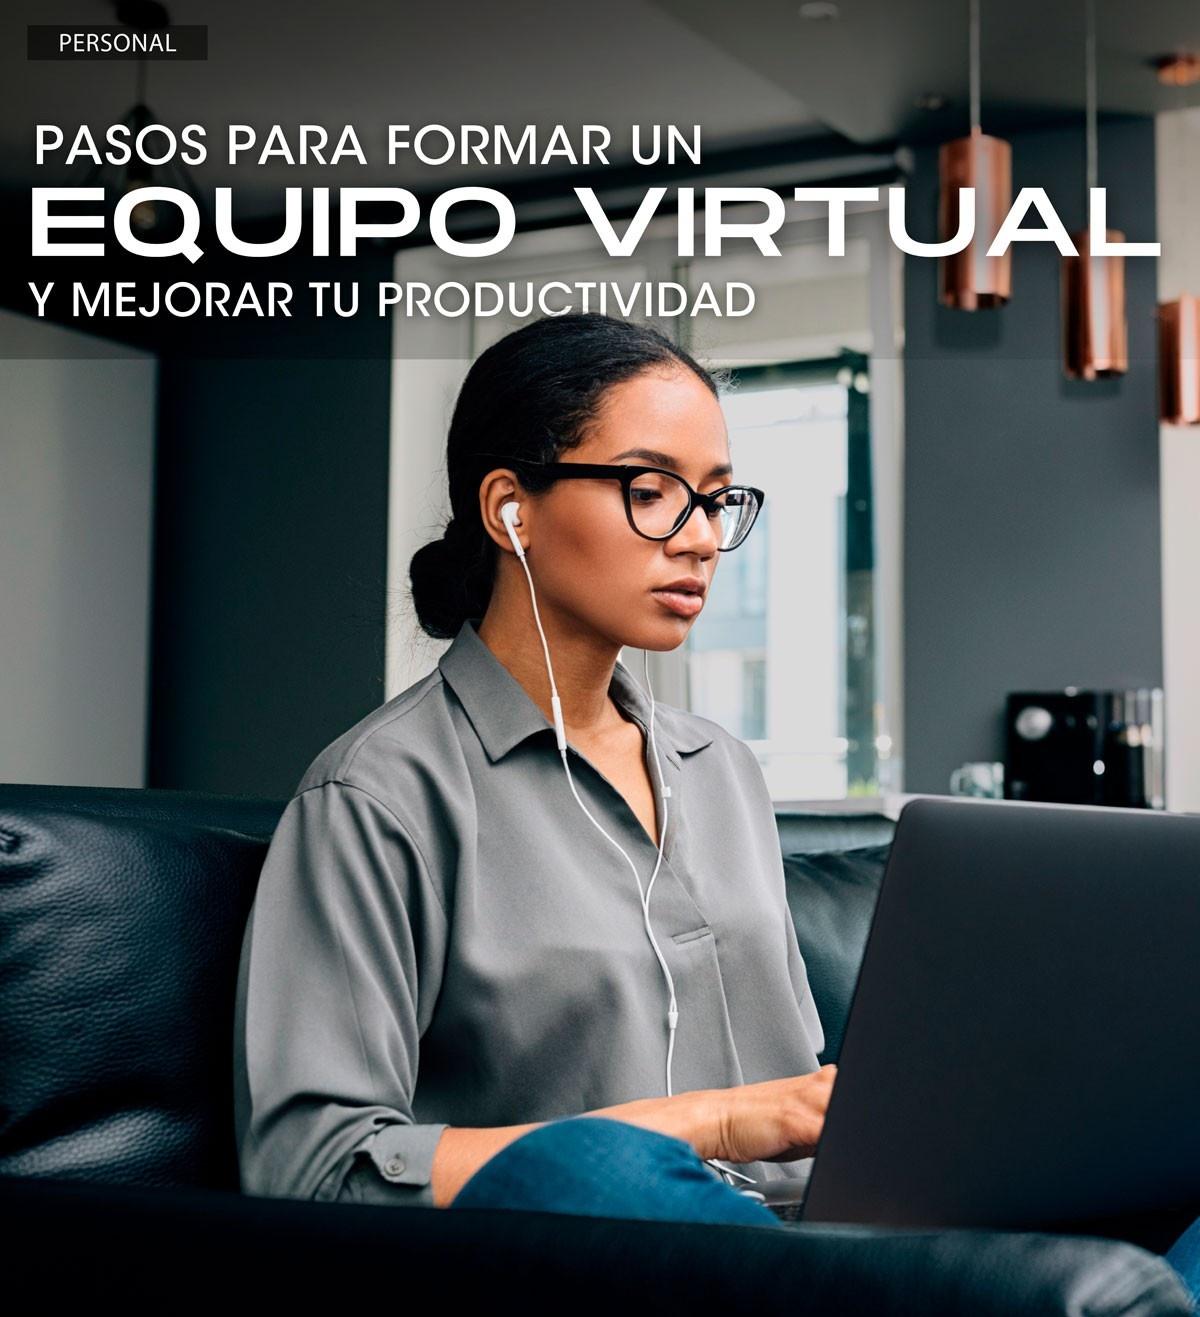 Pasos para formar un equipo virtual y mejorar tu productividad